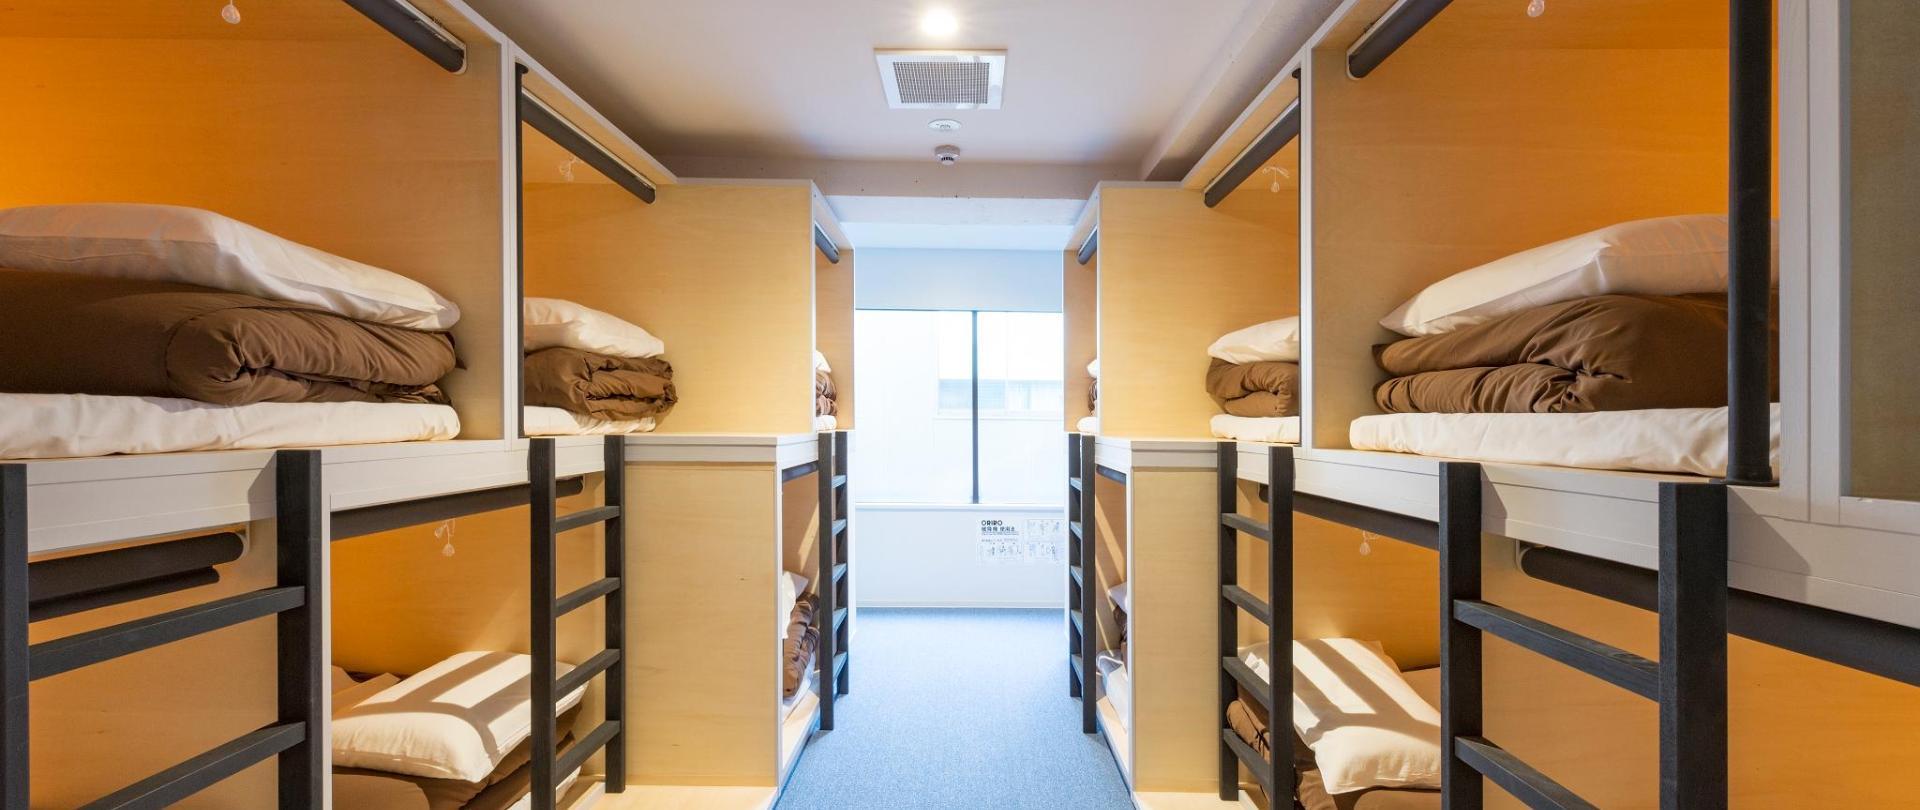 &hostel_kanda_059.jpg